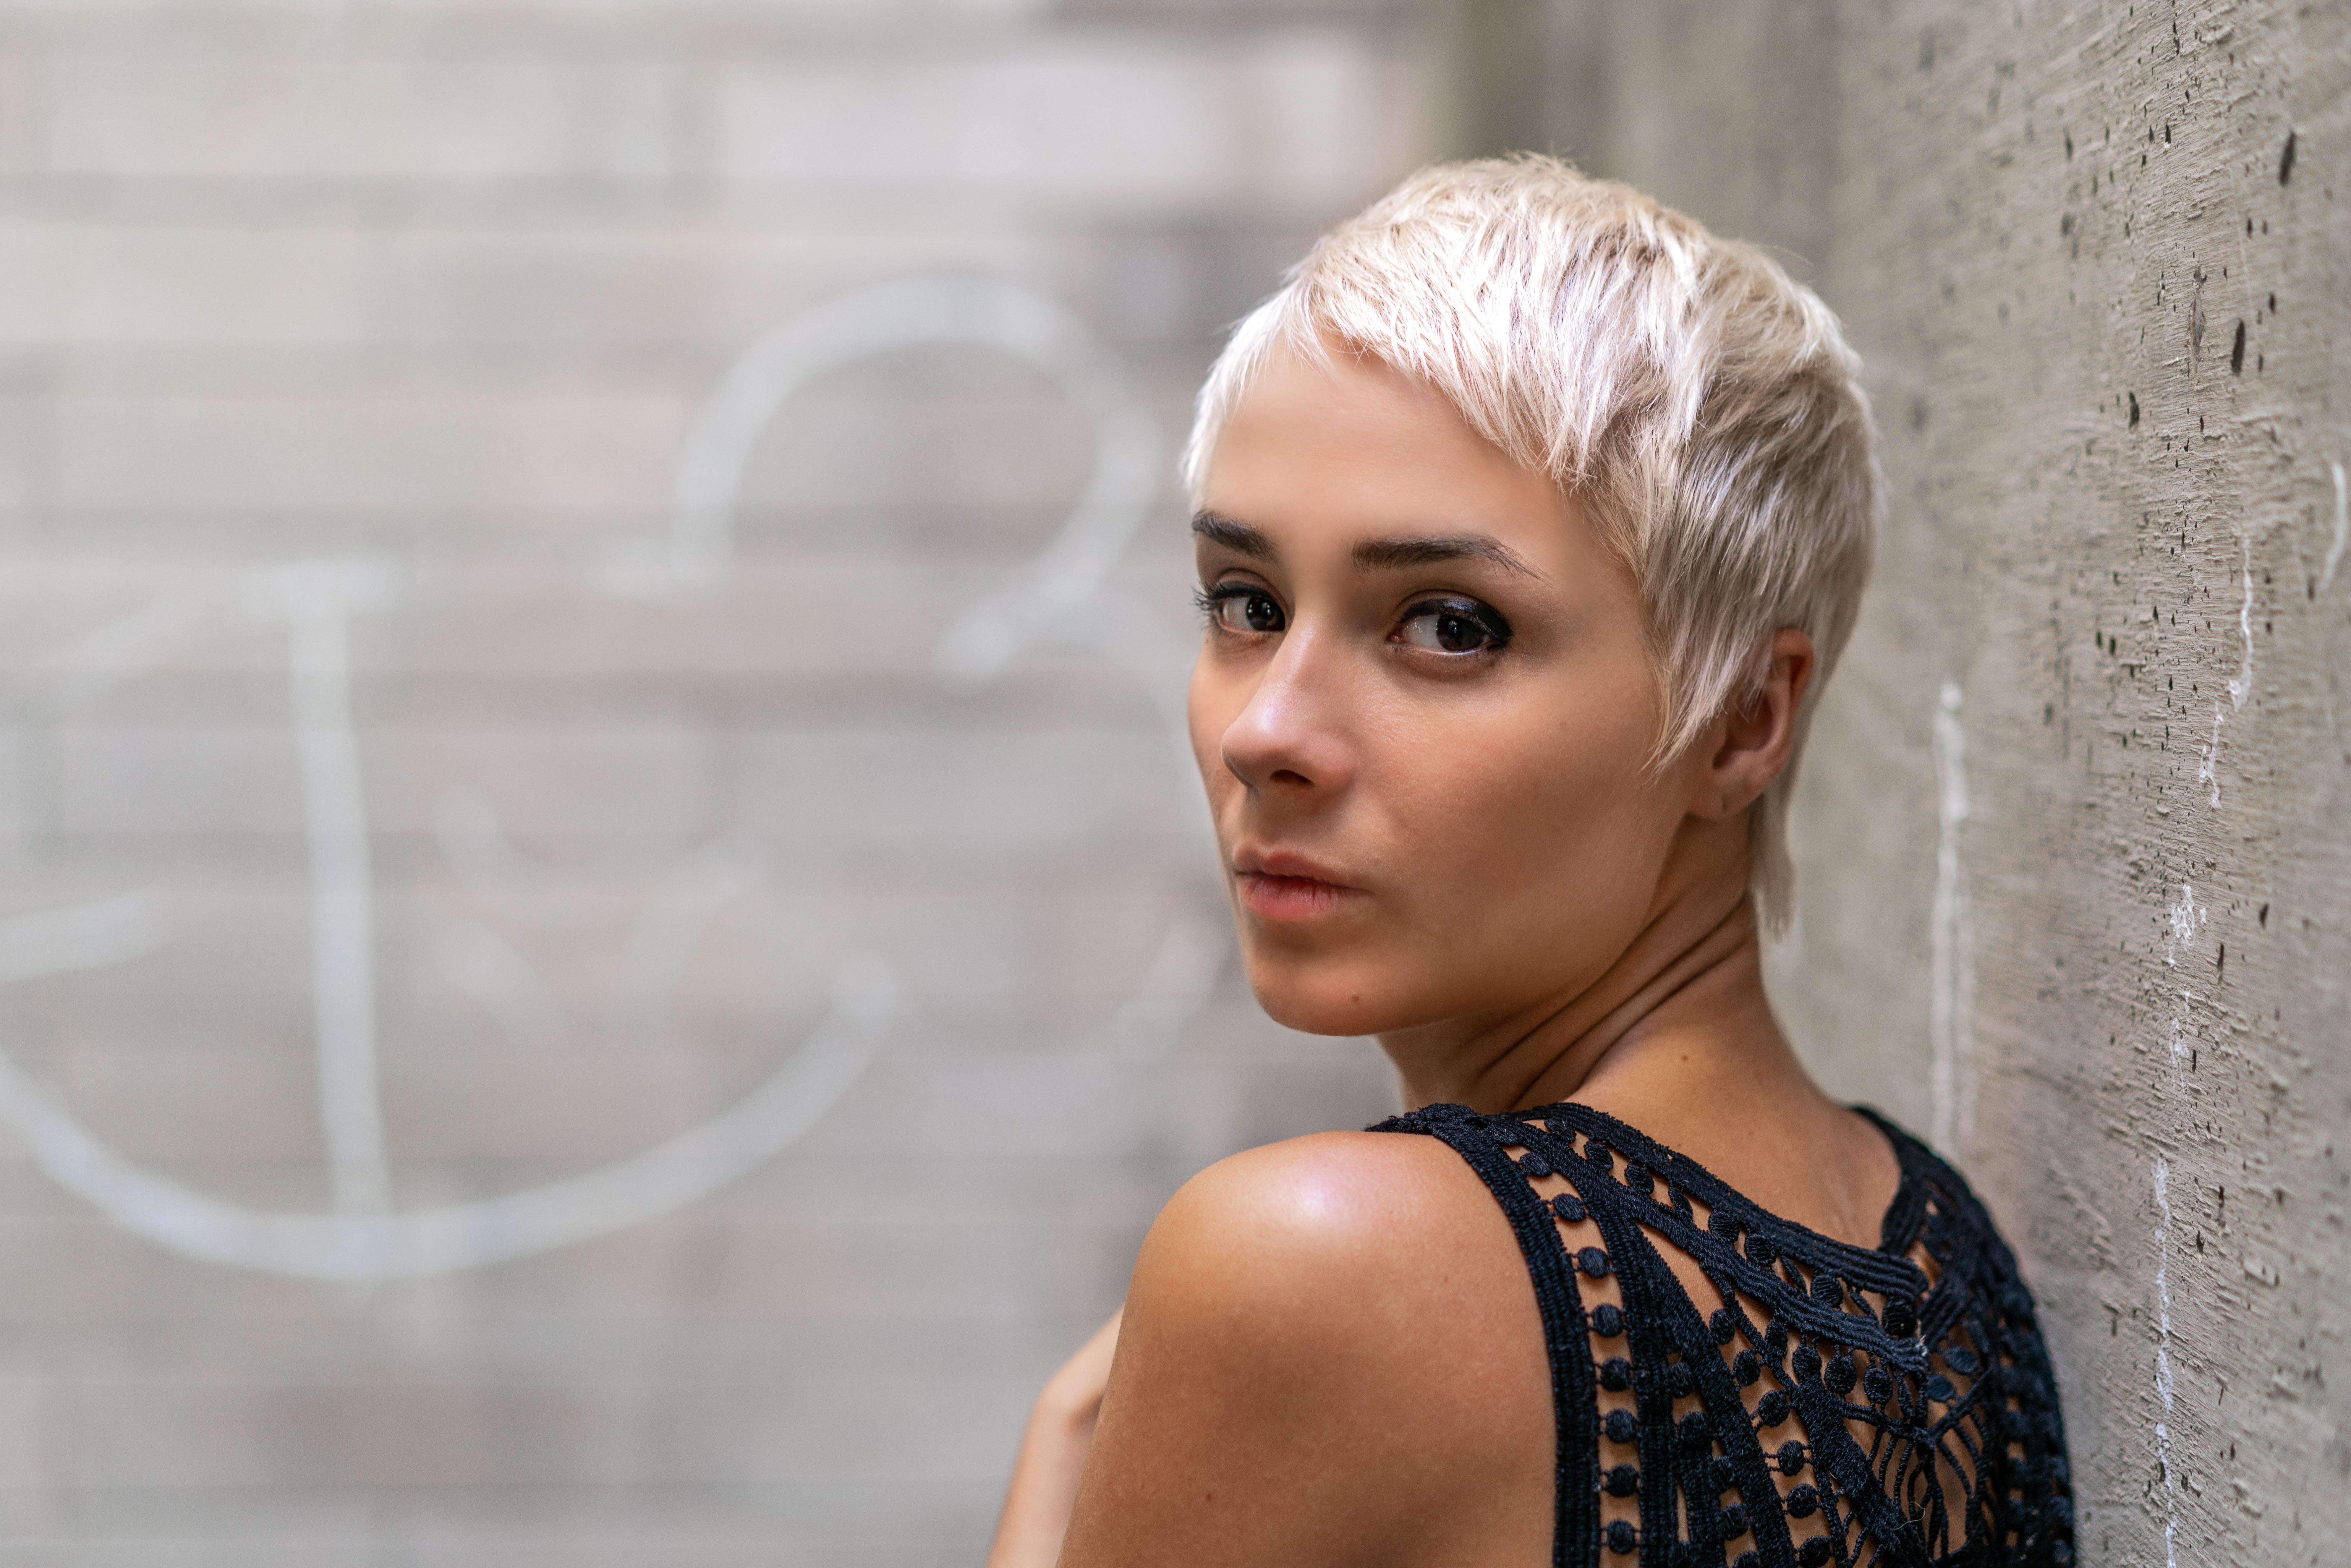 Melír+toner+foukaná - krátké vlasy - 1400 Kč